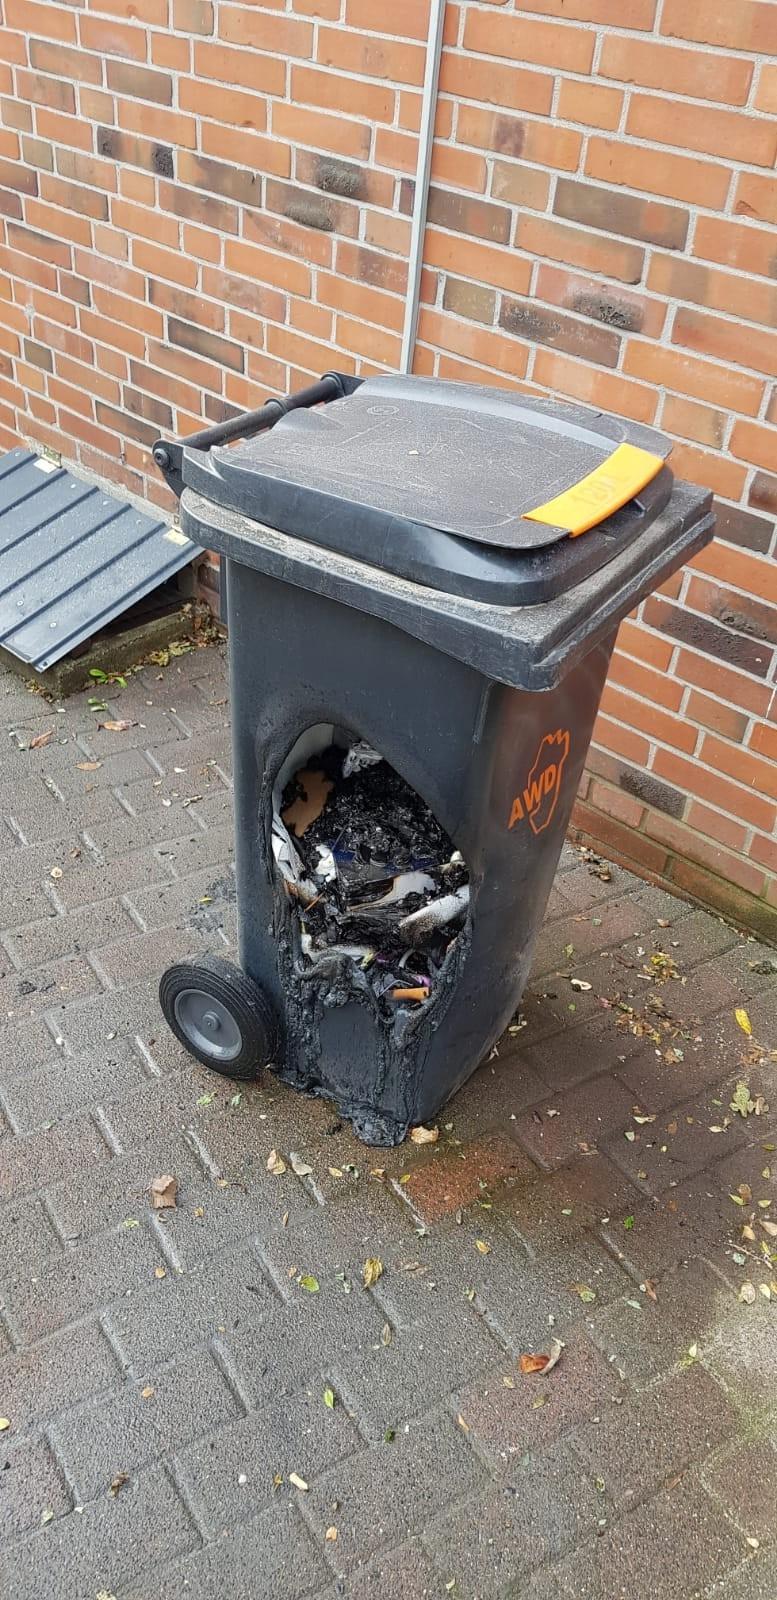 Man sieht eine Mülltonne die völlig zerstört ist, weil der Nachbar dort irgendwas reingekippt hat